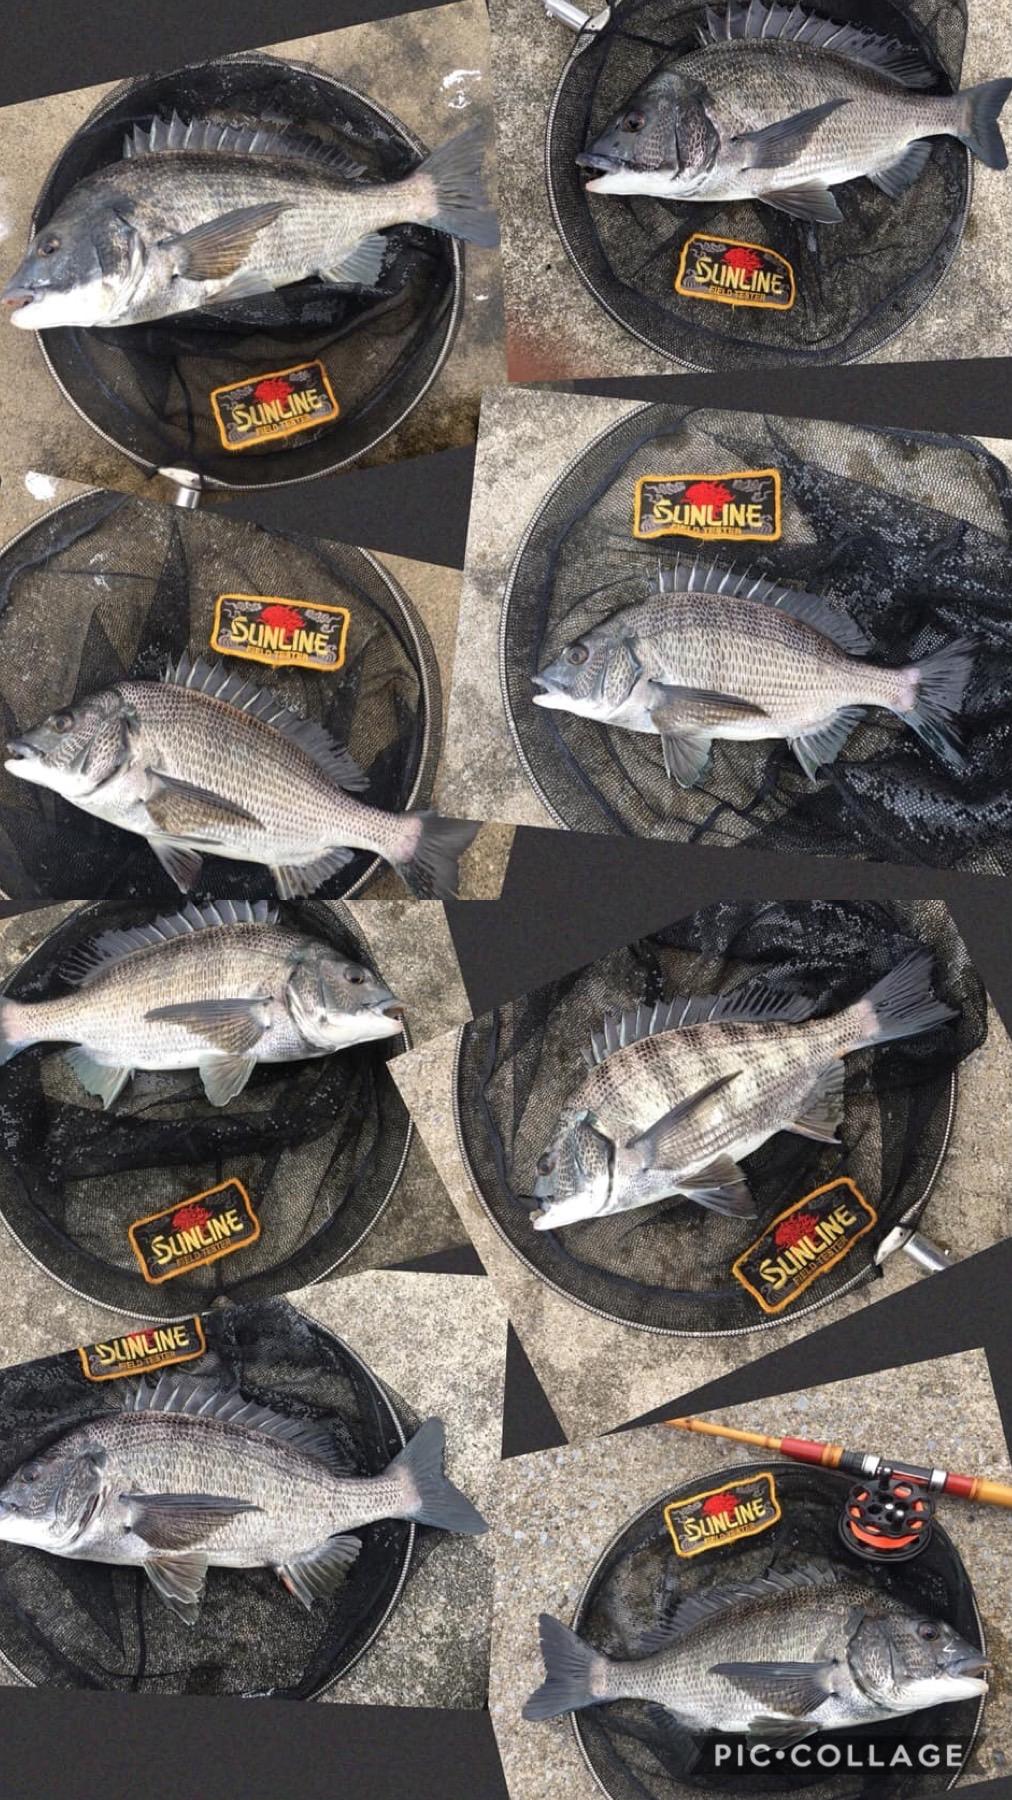 野武士#1で五井の魚に挑む